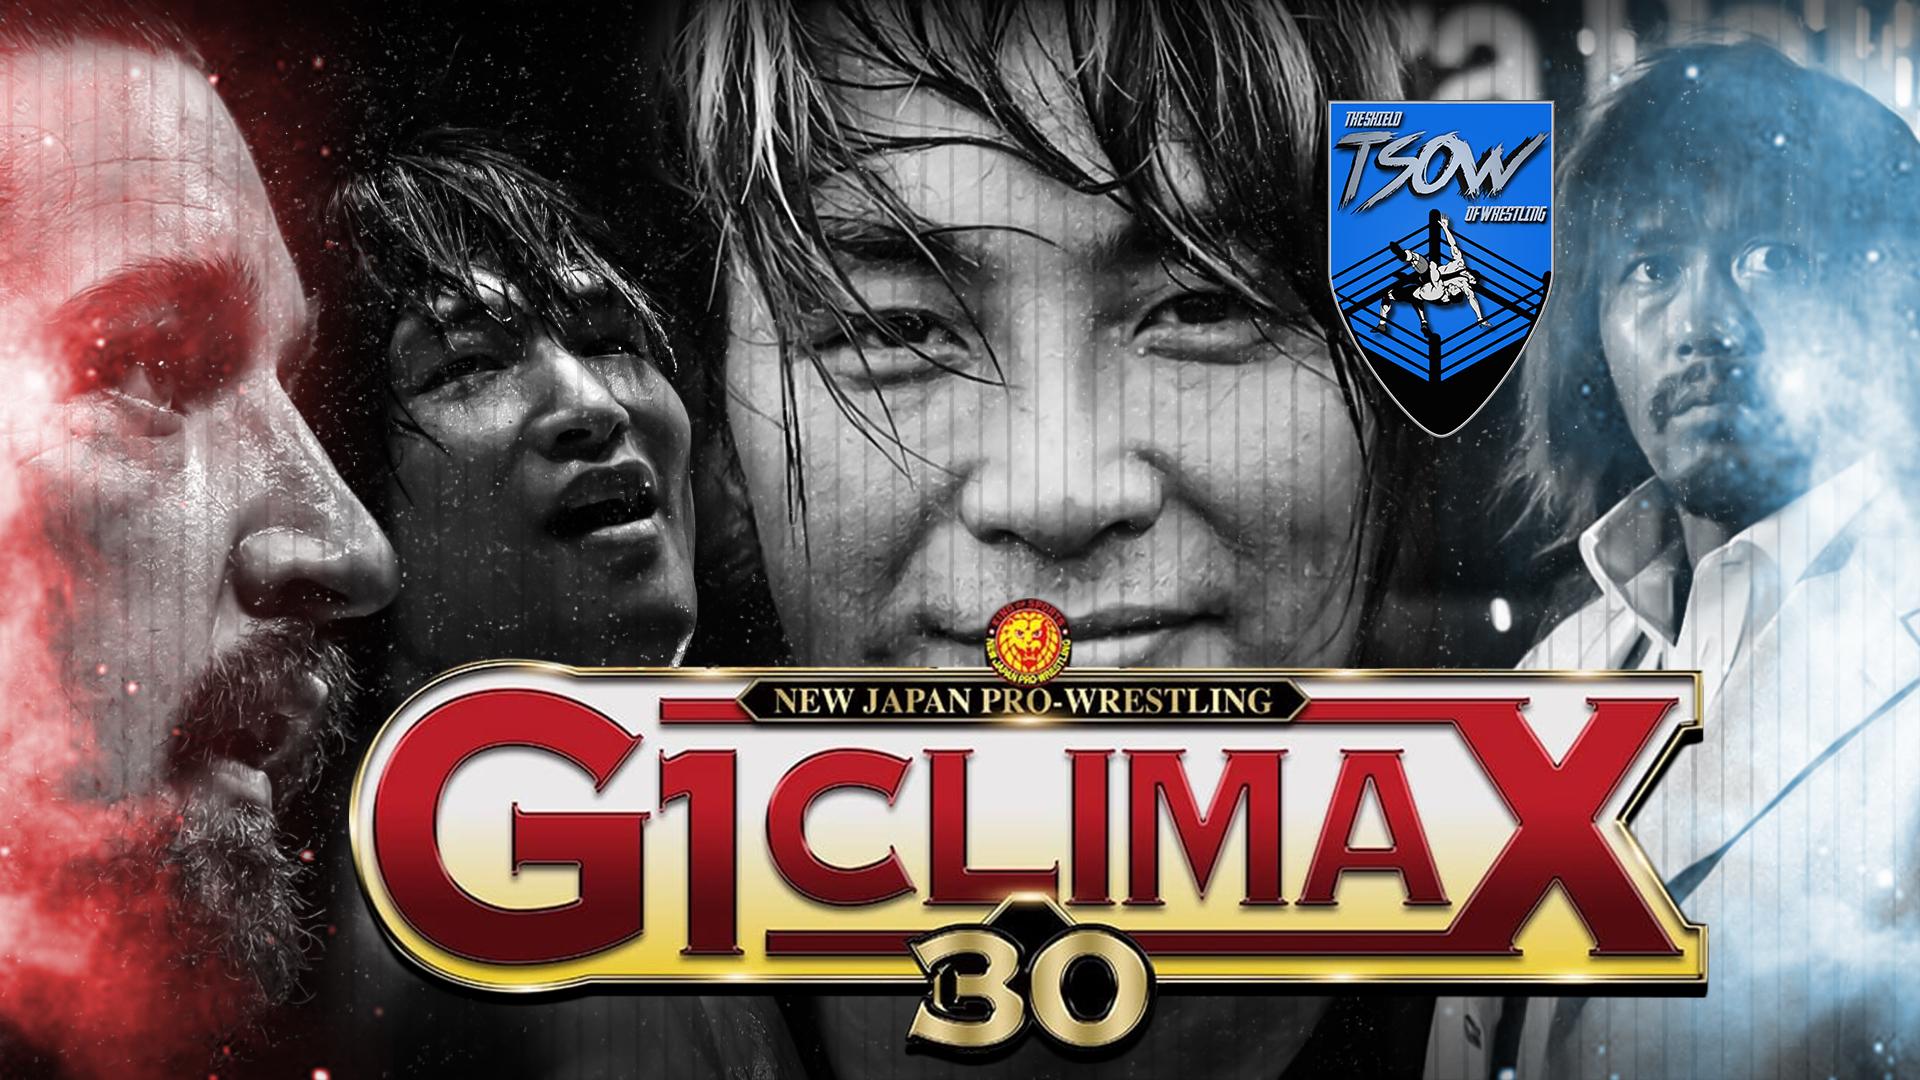 Kota Ibushi vs Shingo Takagi: chi ha vinto il match del G1 Climax?